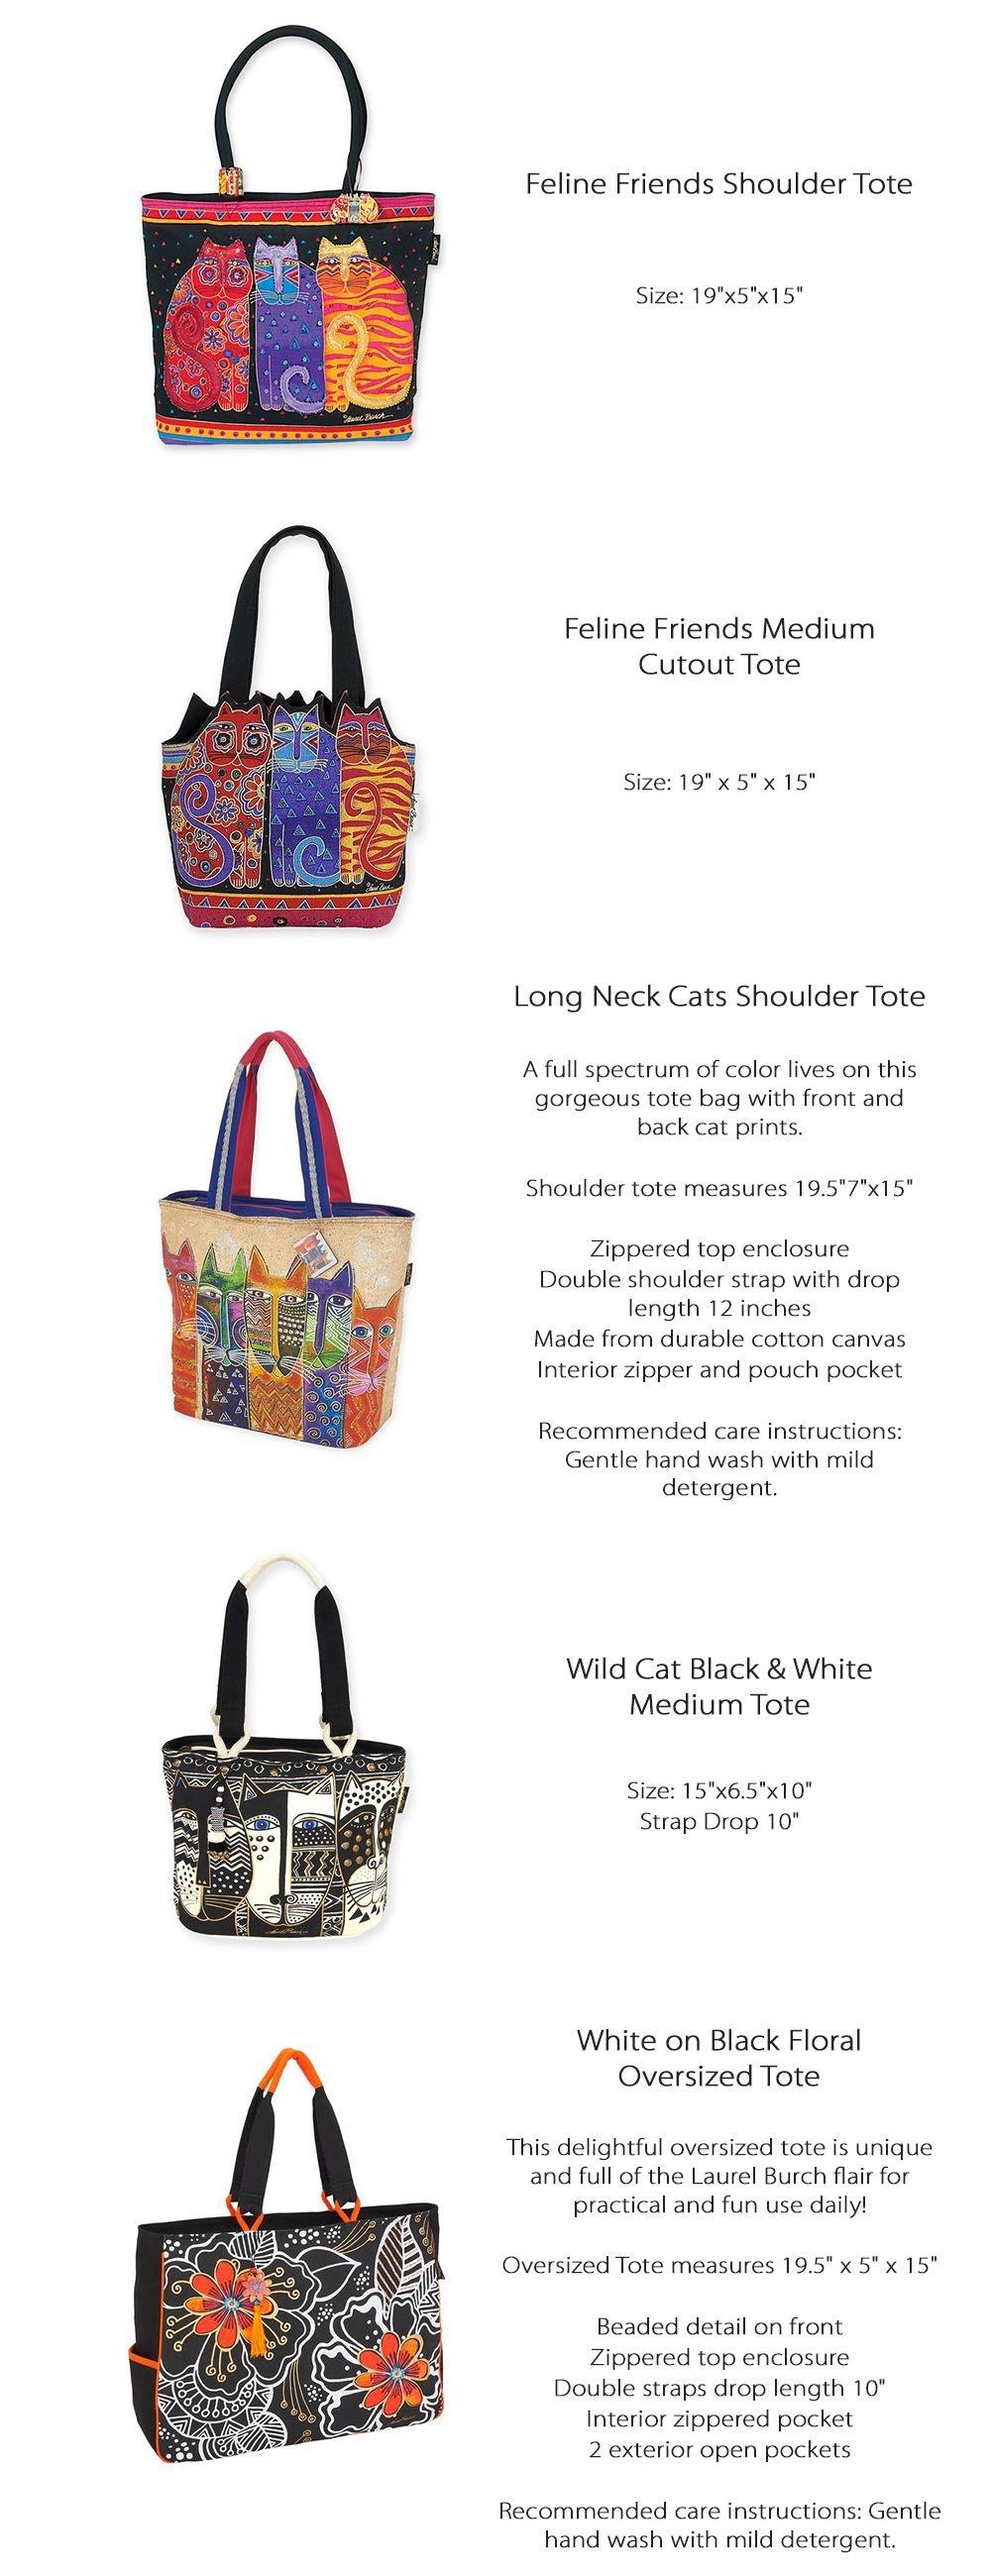 Shoulder Tote Cat Lover's Gift